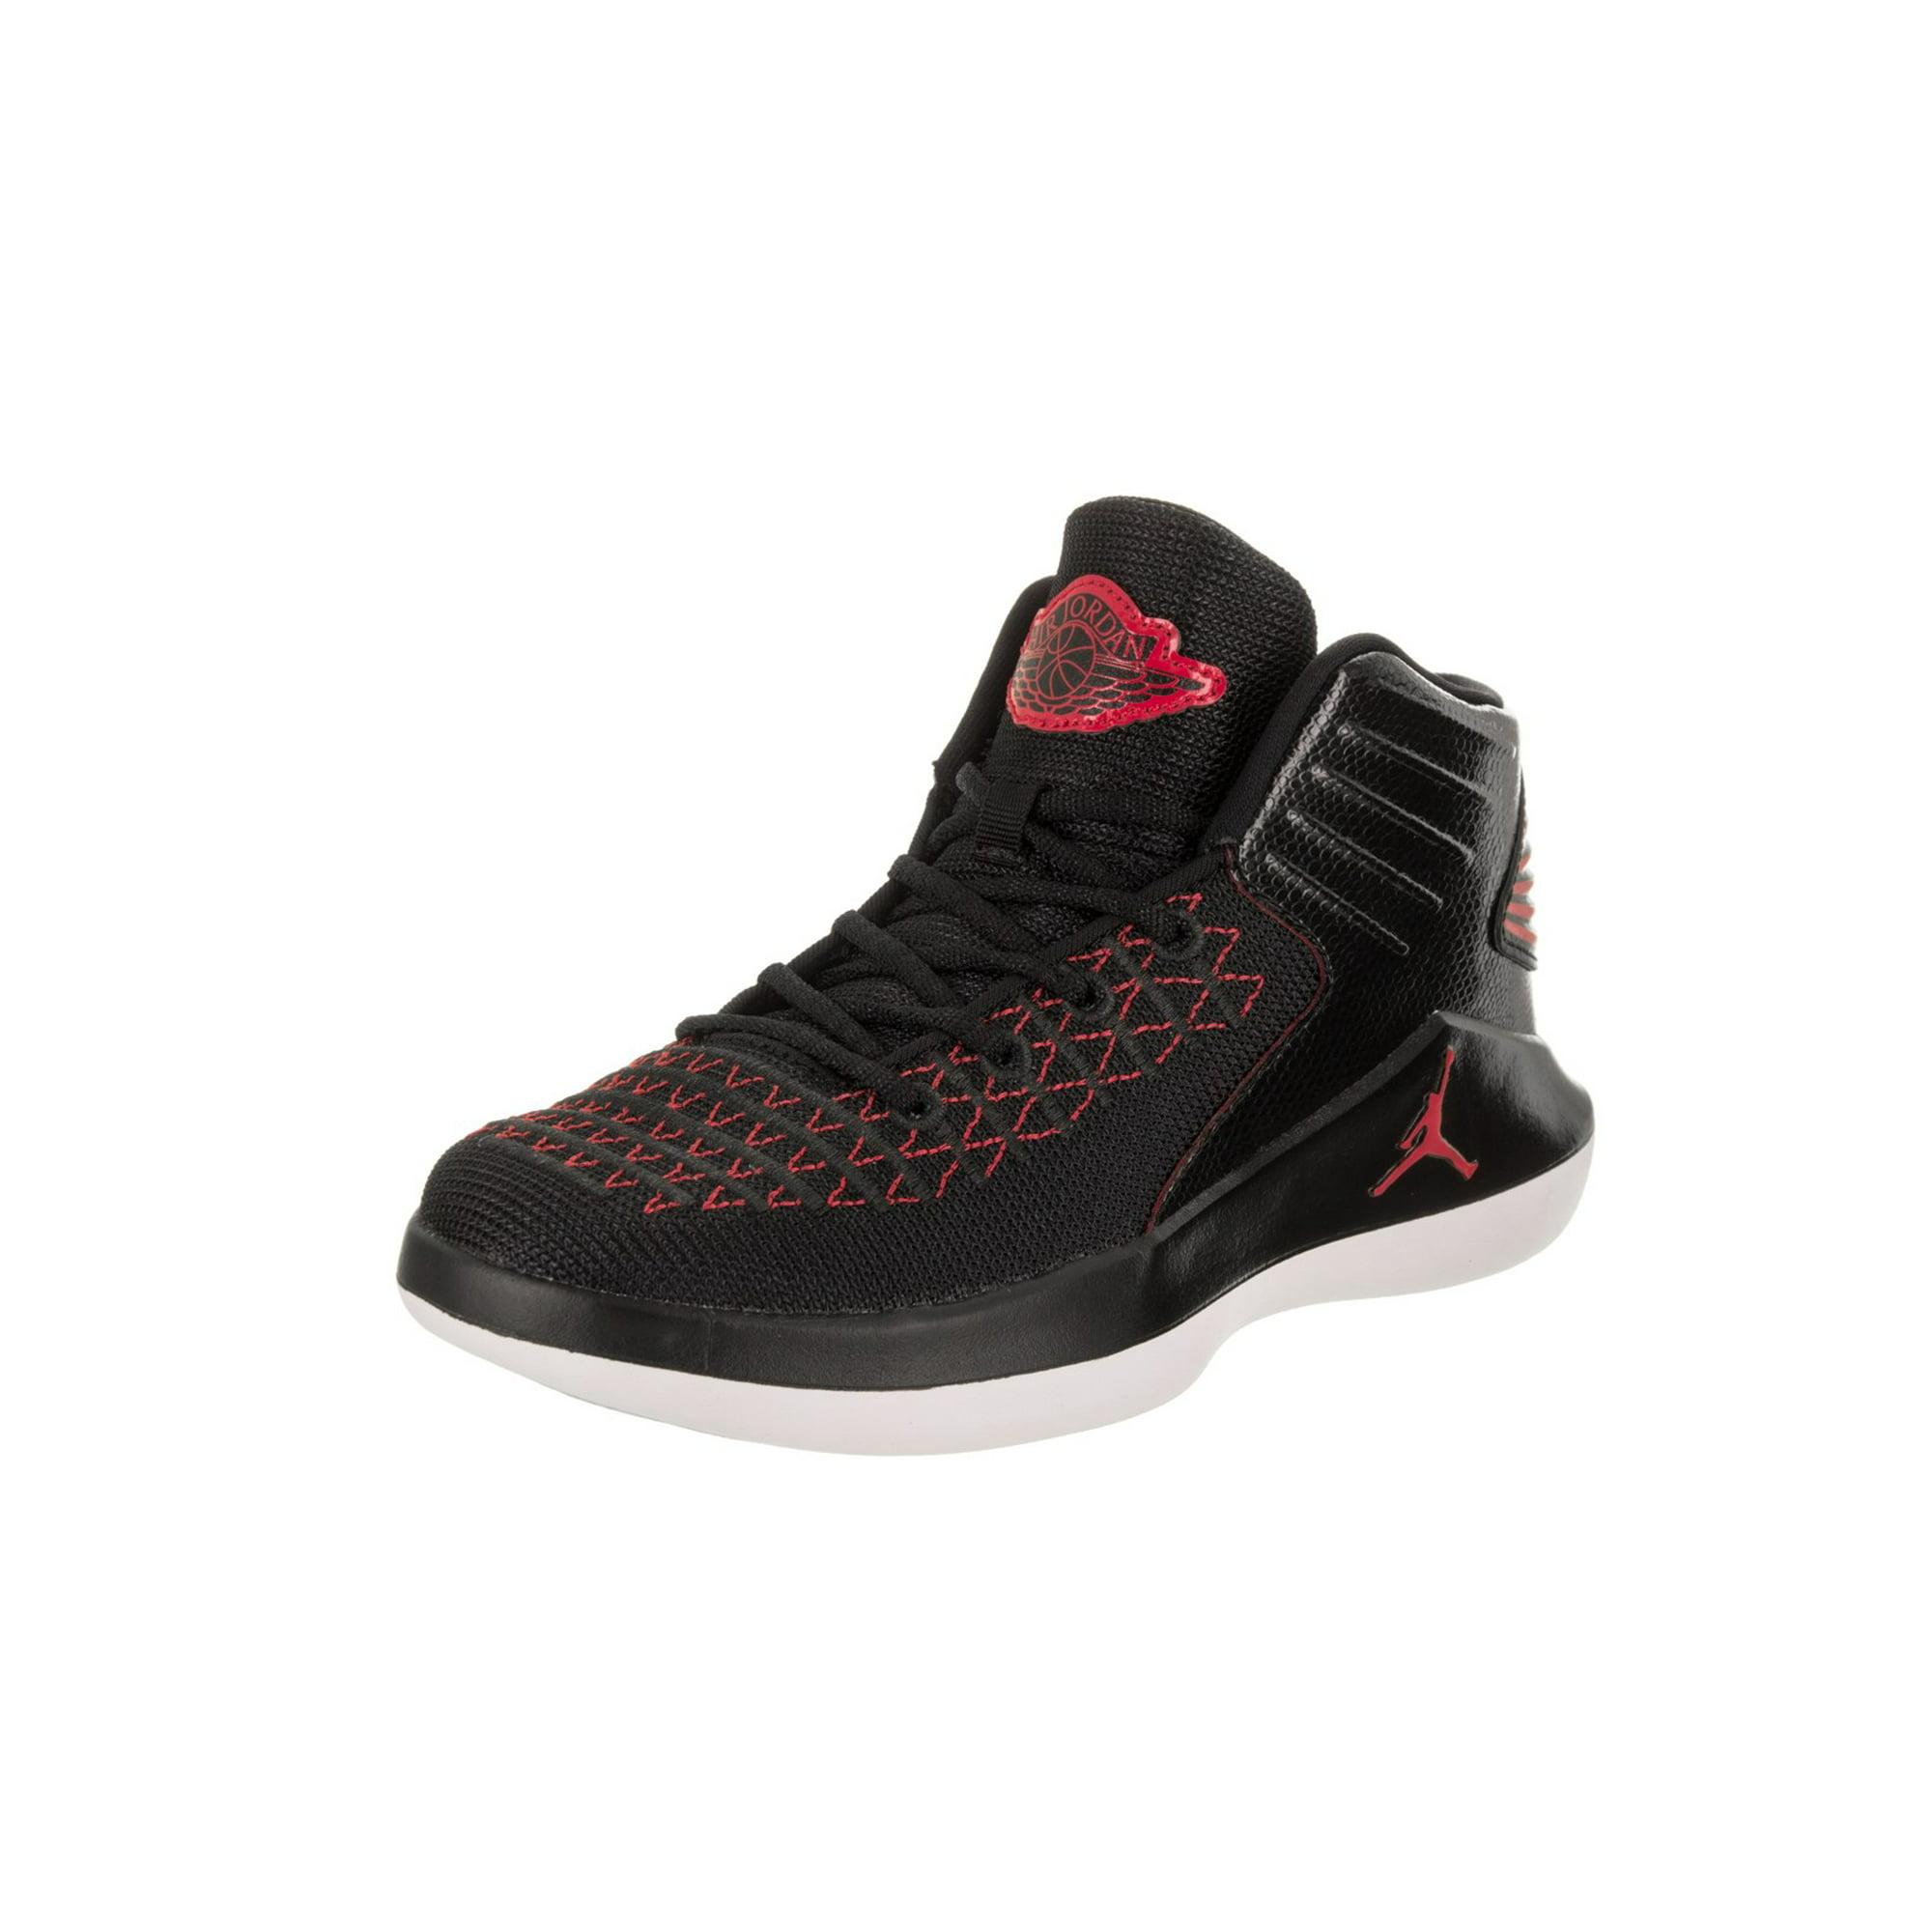 03edc6a1a13e24 Nike Jordan Kids Jordan XXXII BP Basketball Shoe